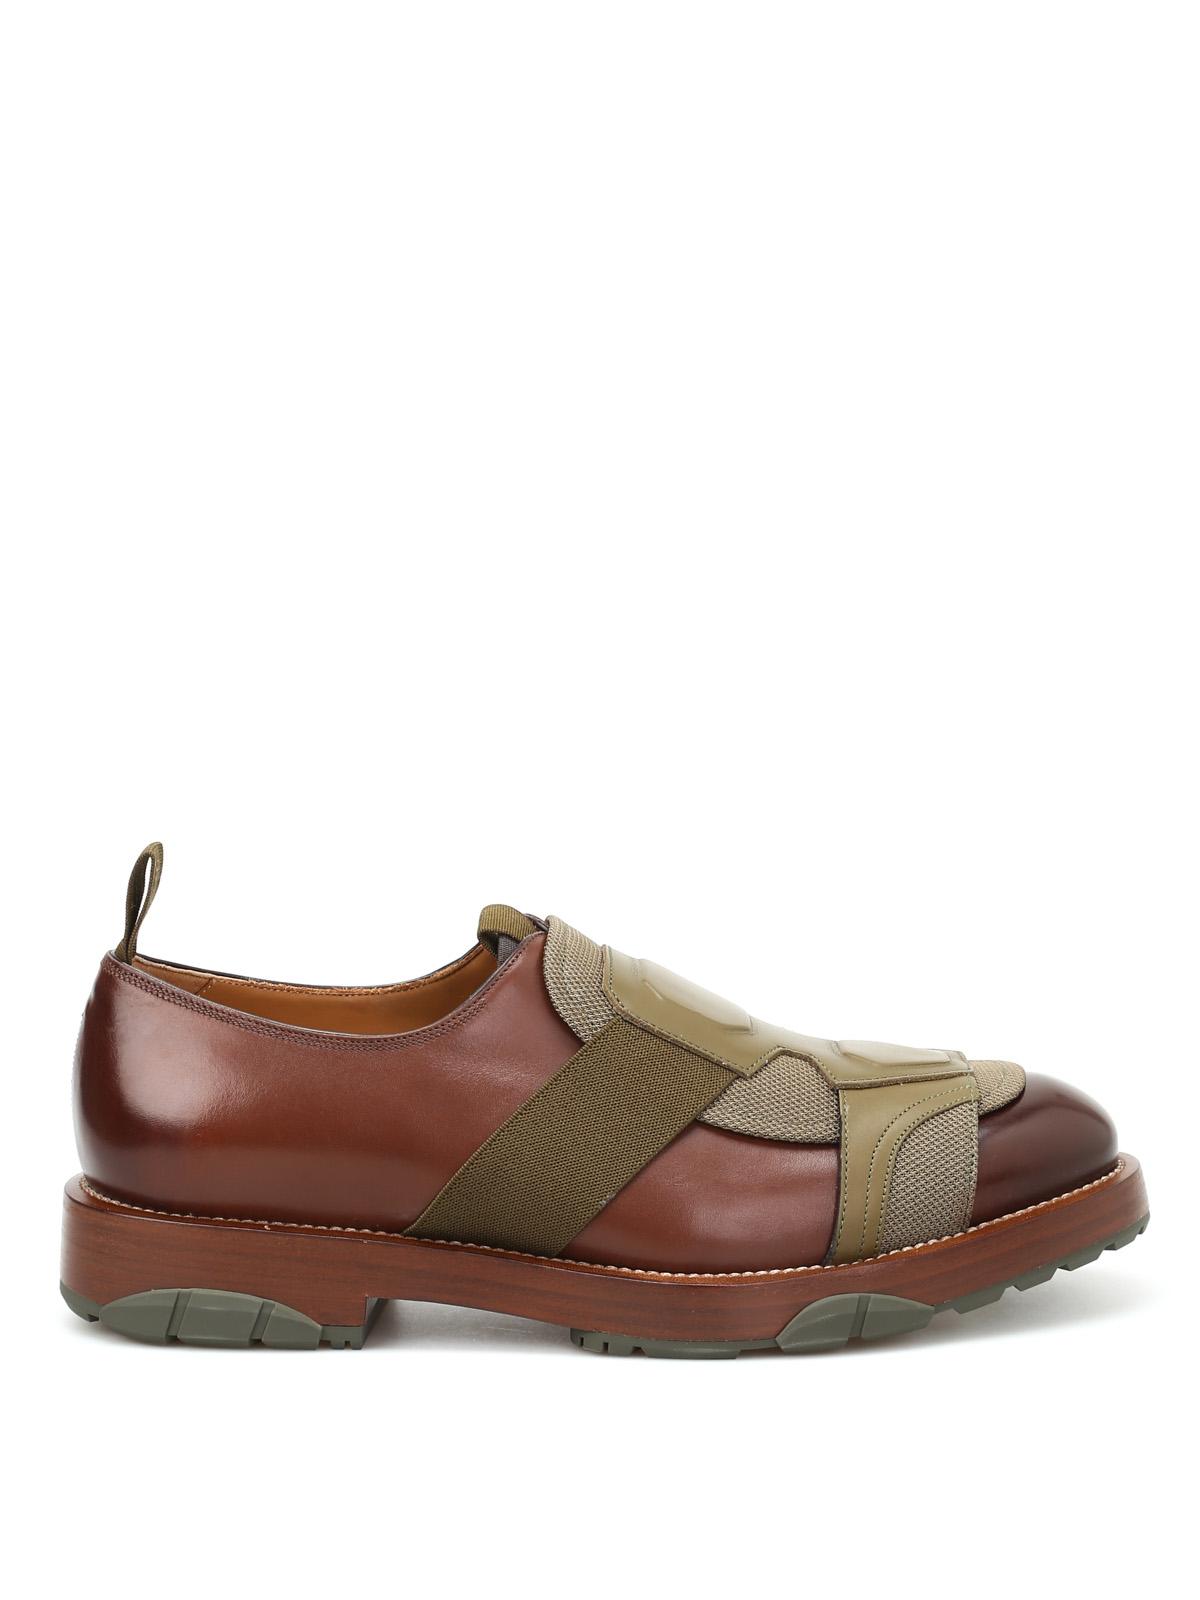 Brioni Shoes Men